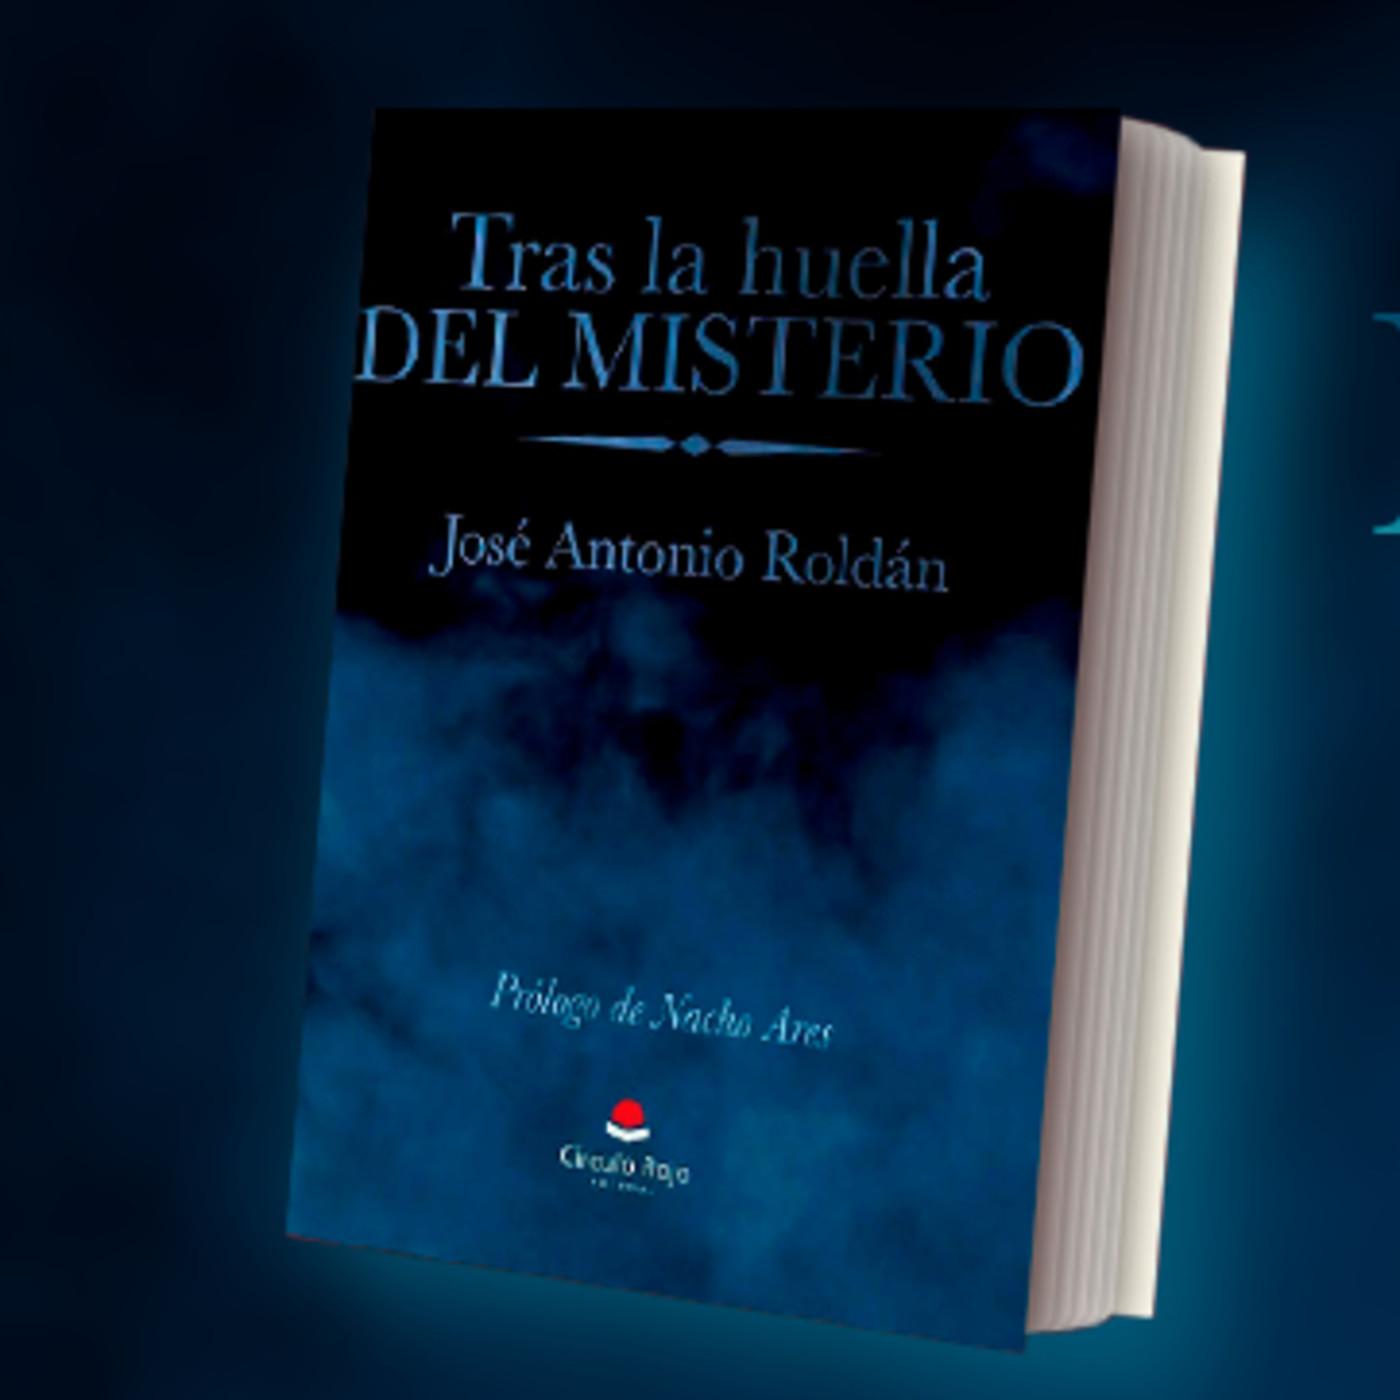 J.A Roldán entrevistado en Nueva Dimensión sobre diversos casos misteriosos y enigmáticos ocurridos en España